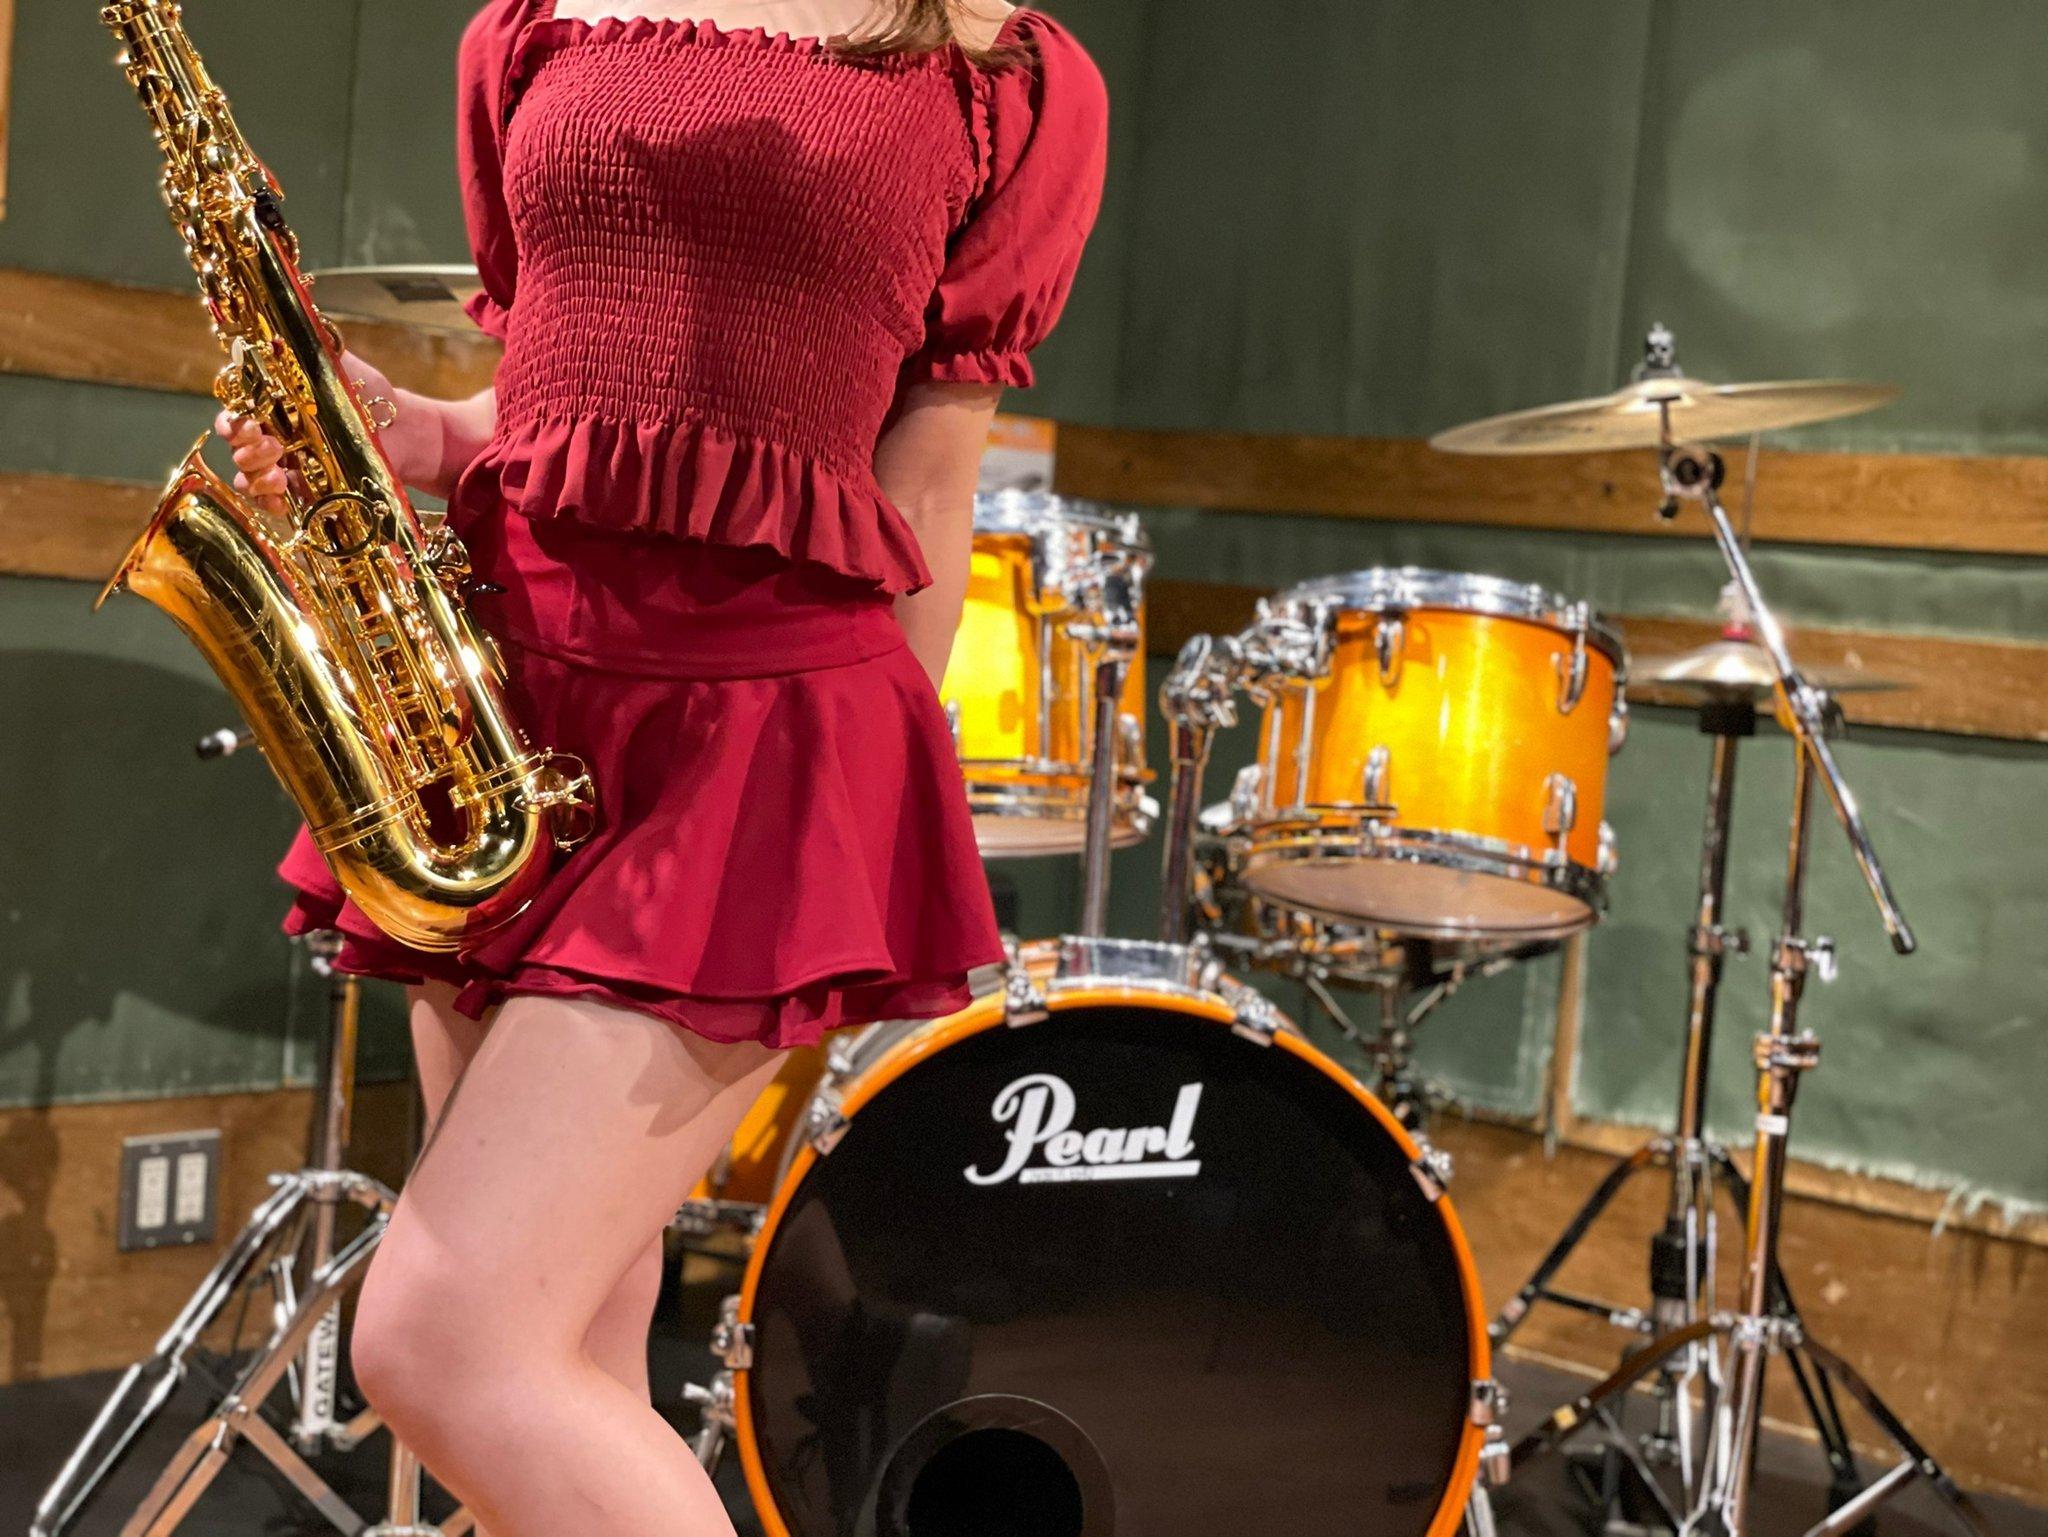 会吹萨克斯風的日本女孩:Ririka/Sax插图6